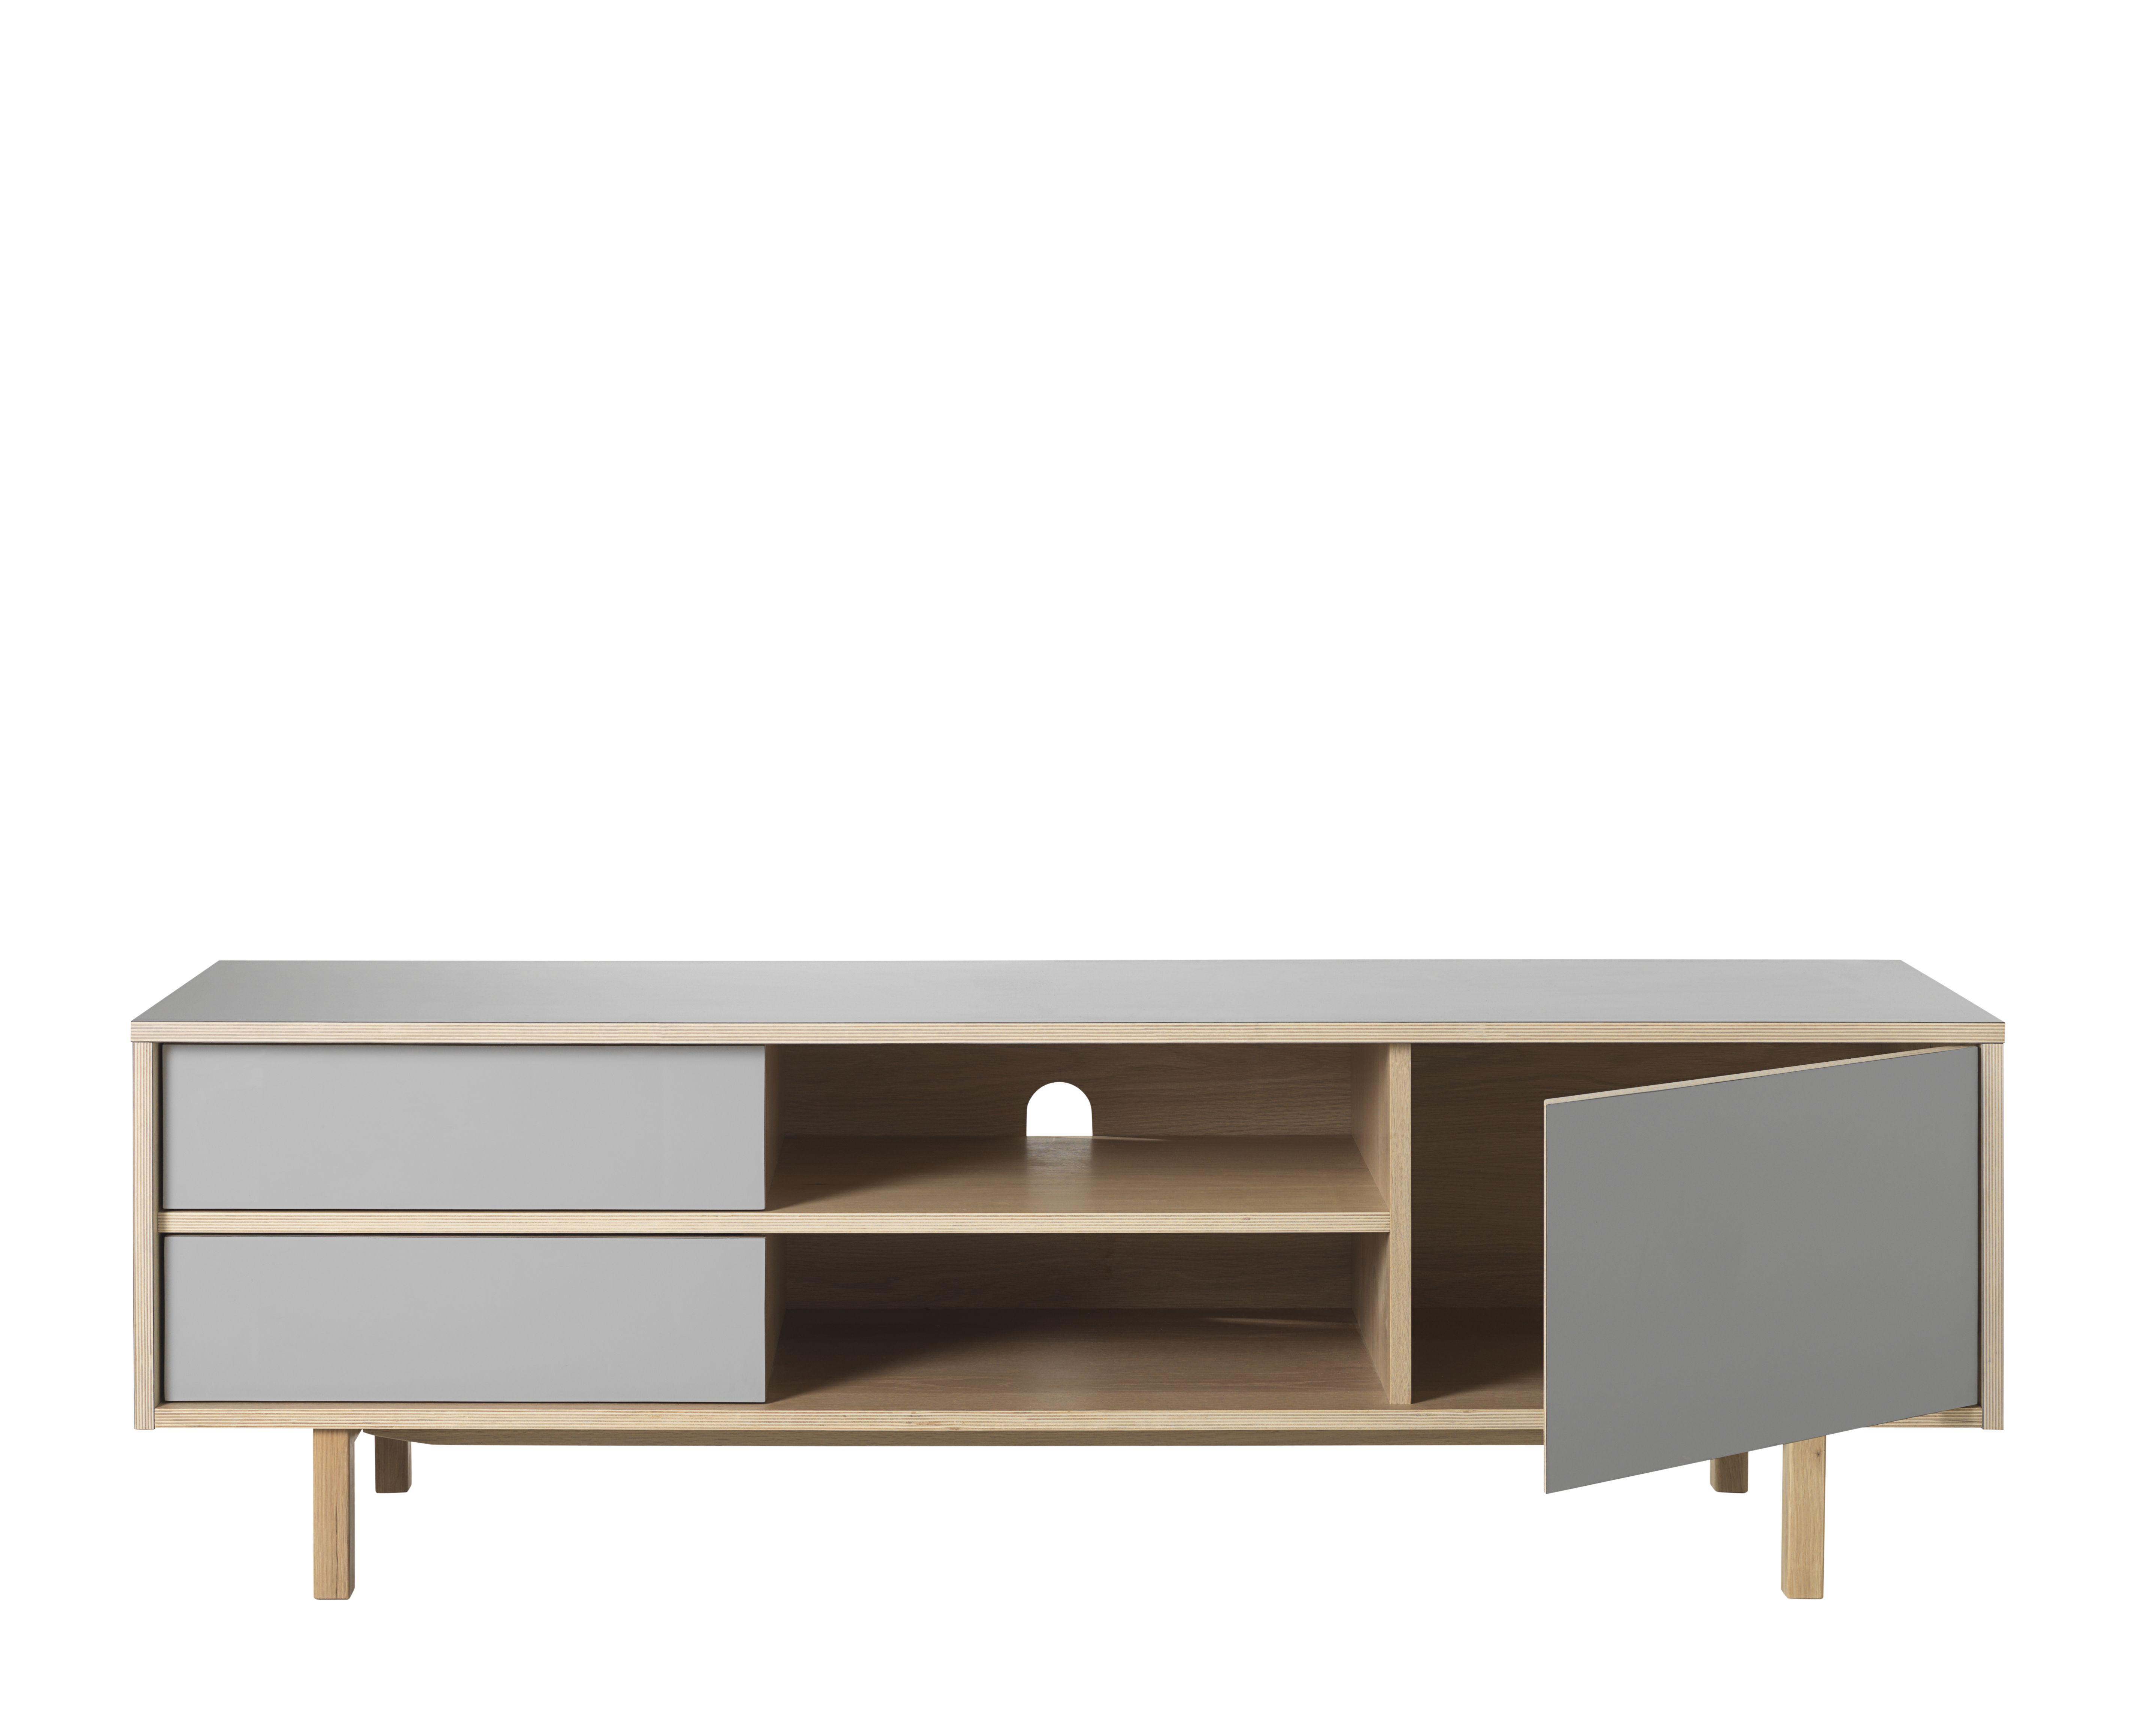 odense-tv-dressoir-2